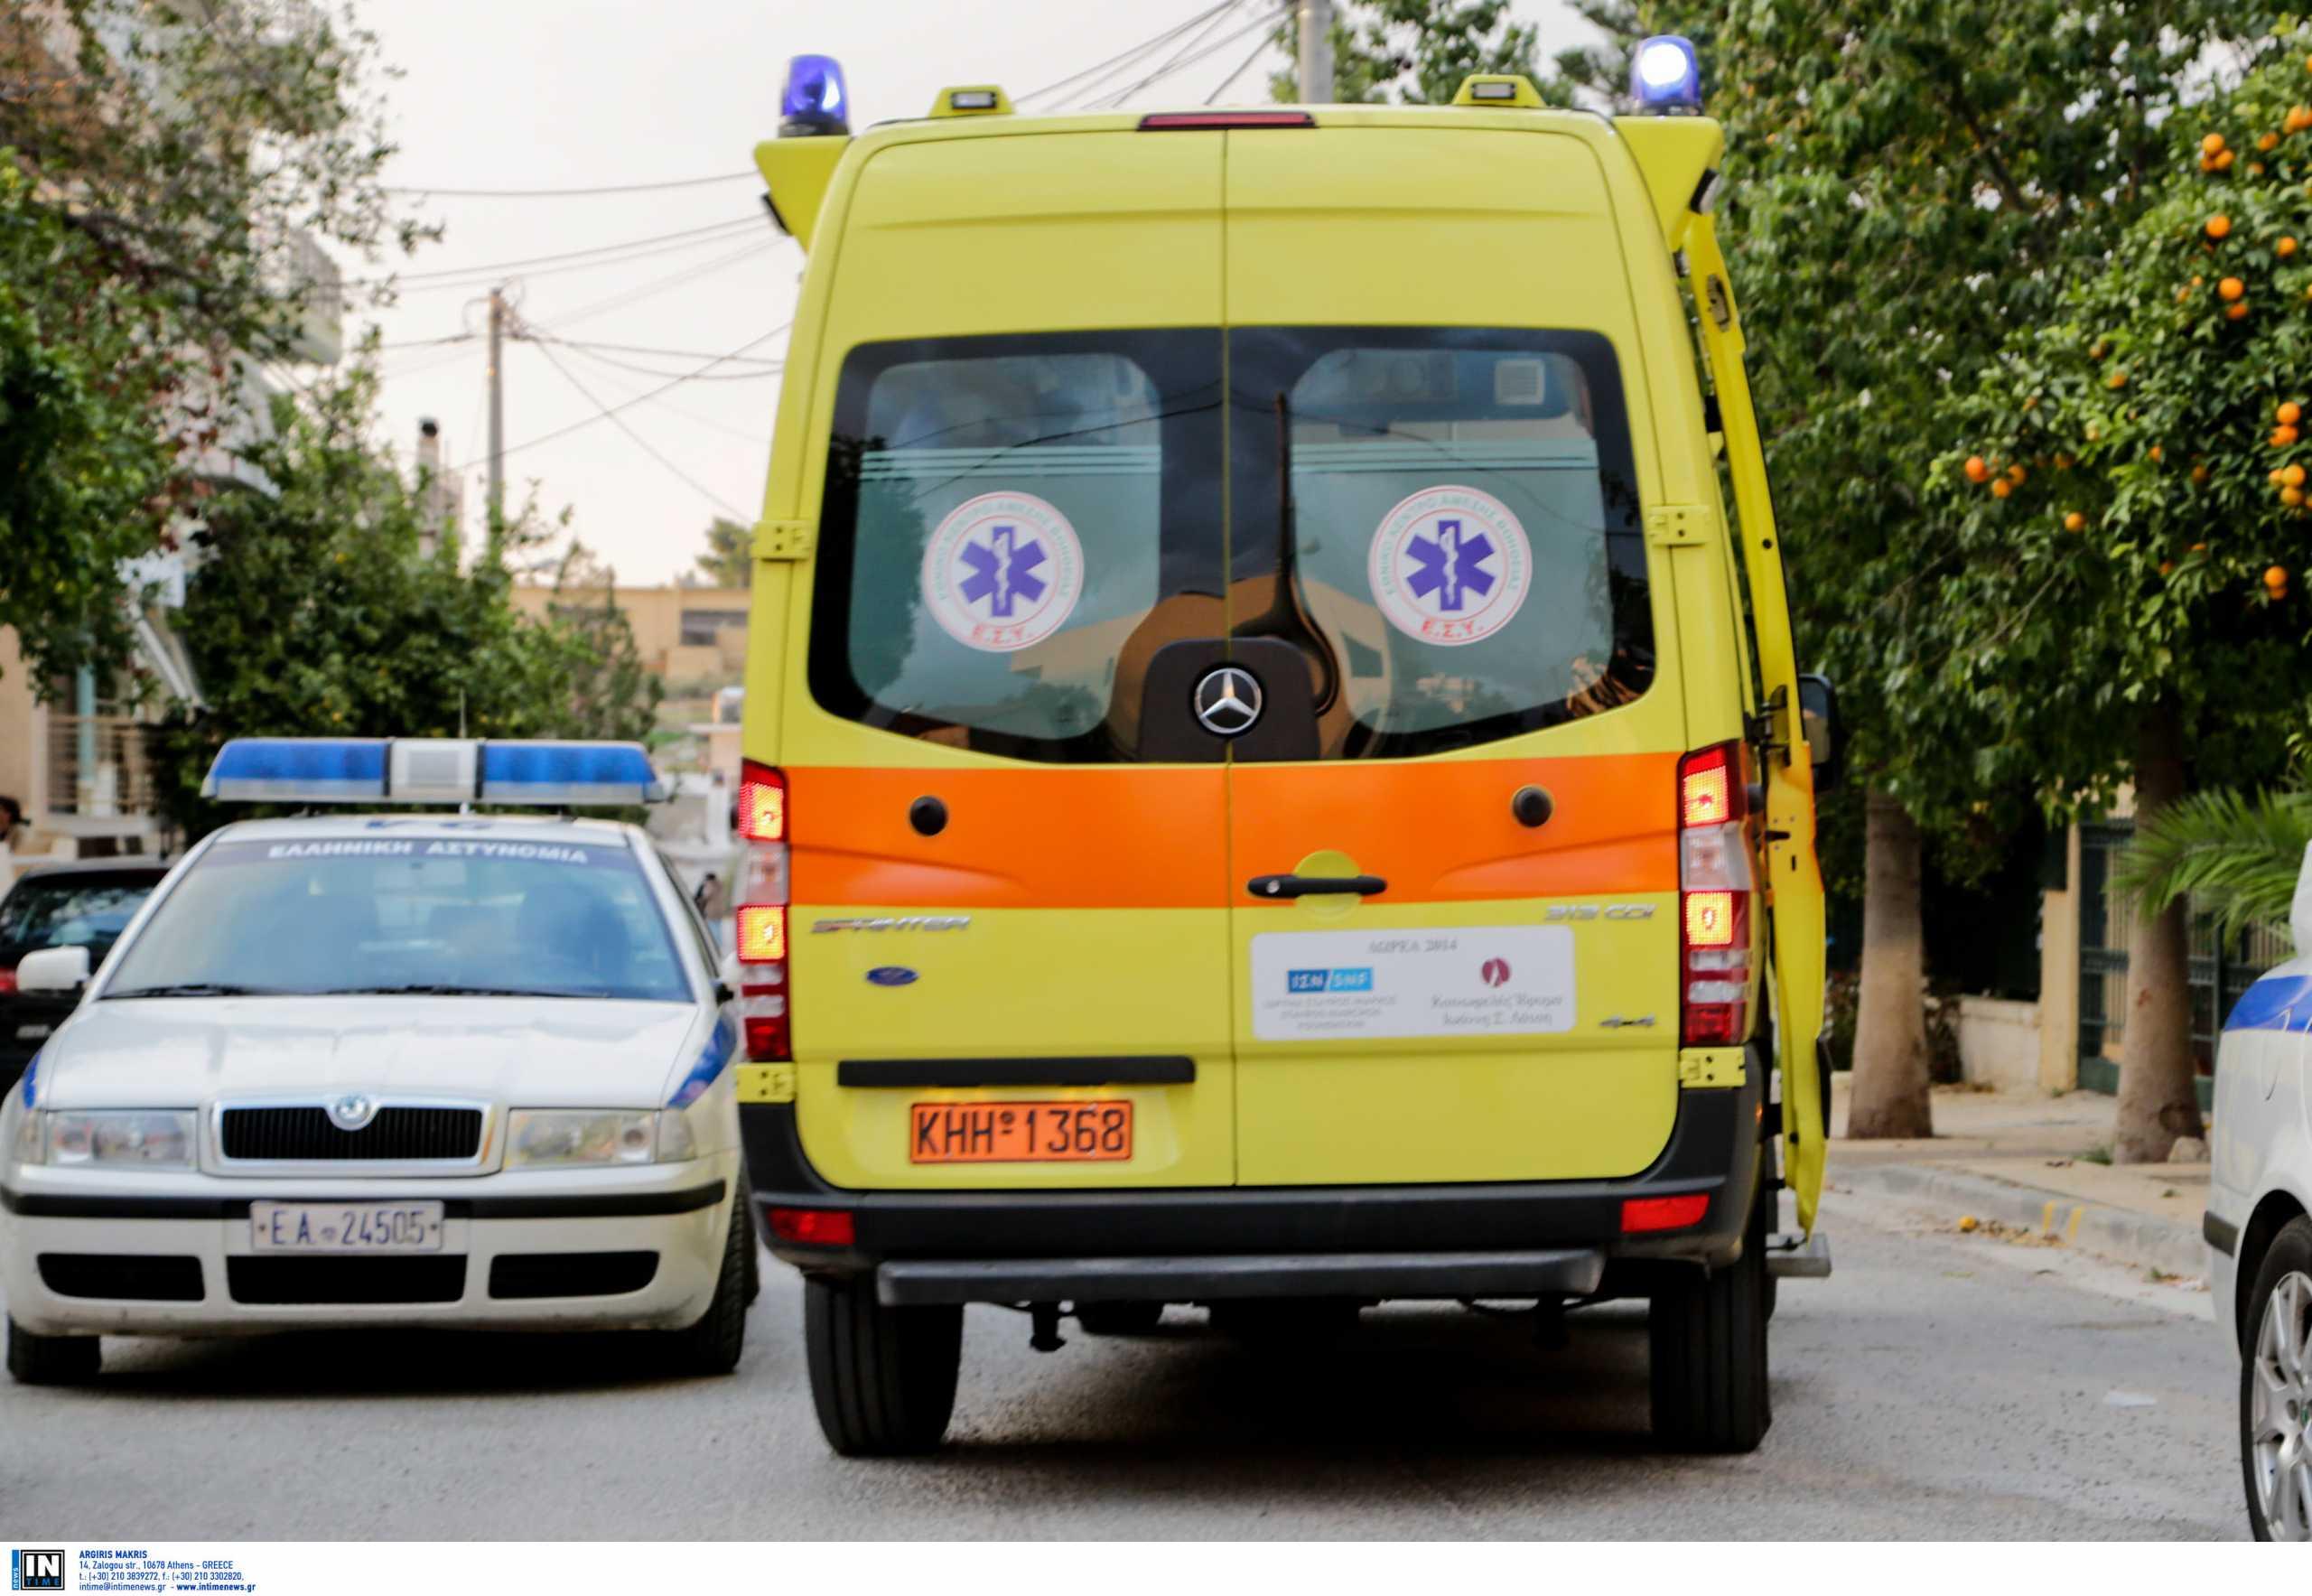 Κιλκίς: Τροχαίο με έναν 25χρονο νεκρό και 3 τραυματίες